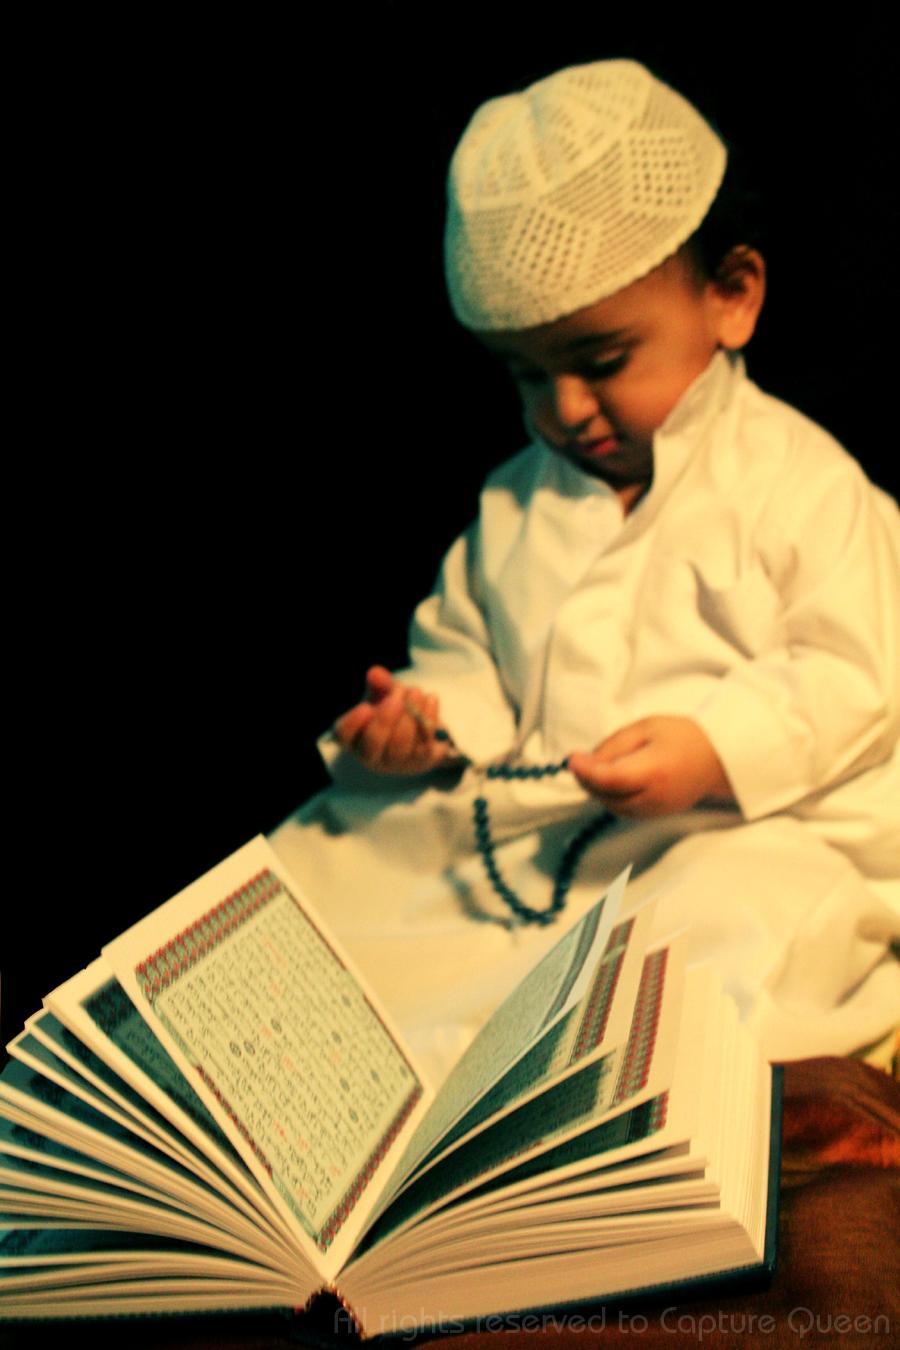 حصريا على منتدى واحة الإسلام - صور رمزية روووعة 469935412